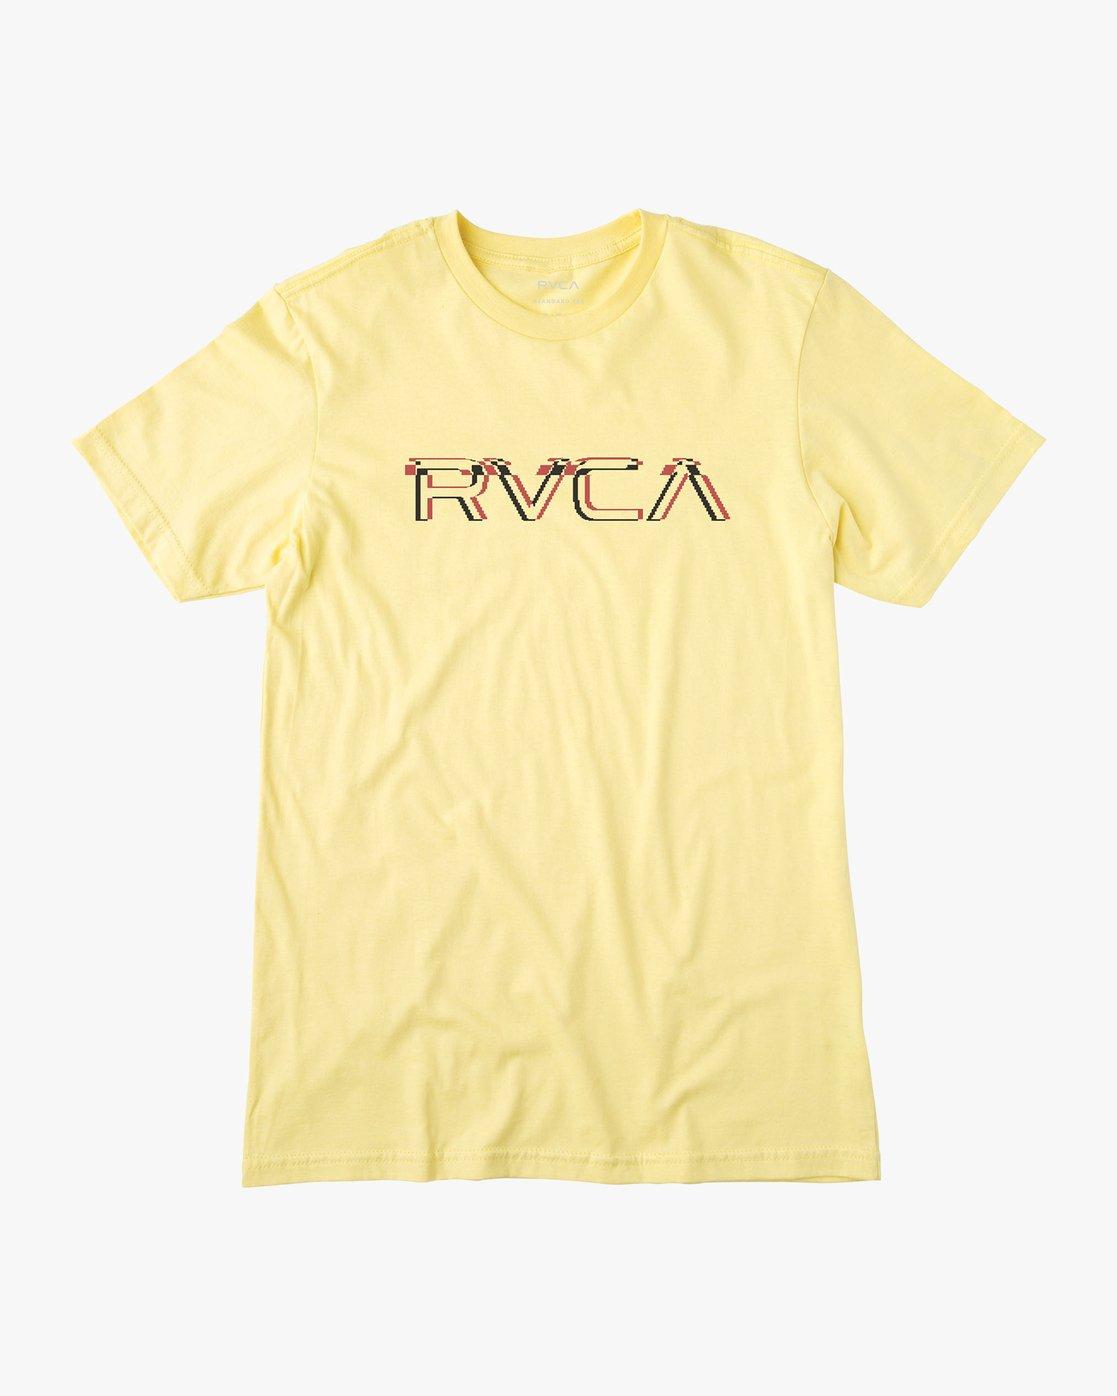 0 Big Glitch T-Shirt Yellow M401VRBG RVCA